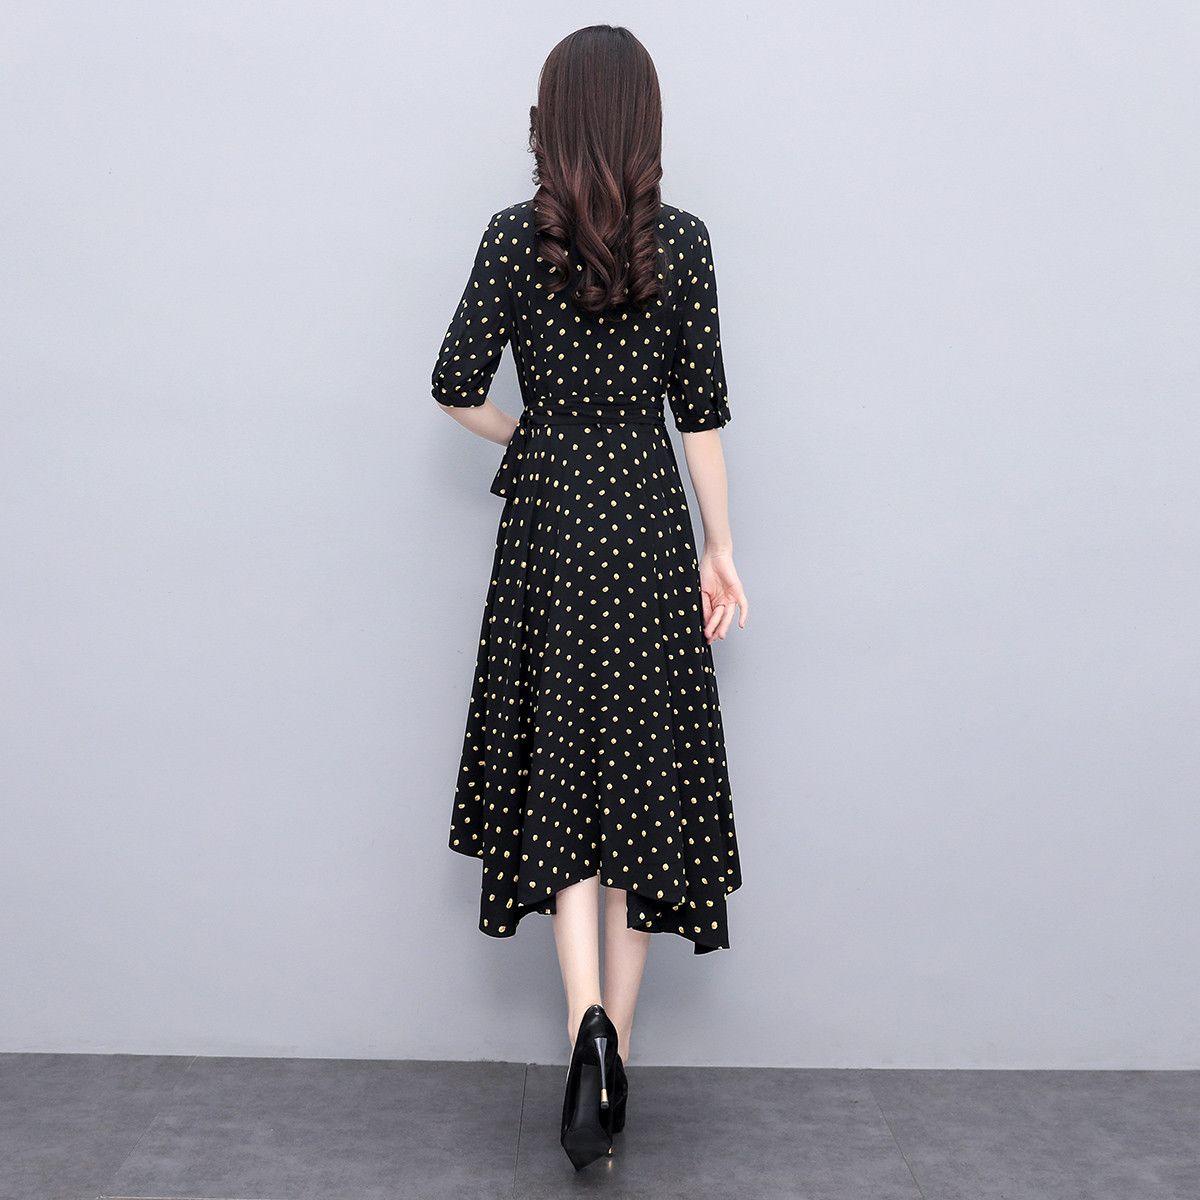 75770-丝柏舍2021秋季新款圆点淑女修身时尚气质优雅小清新女士连衣裙H-详情图